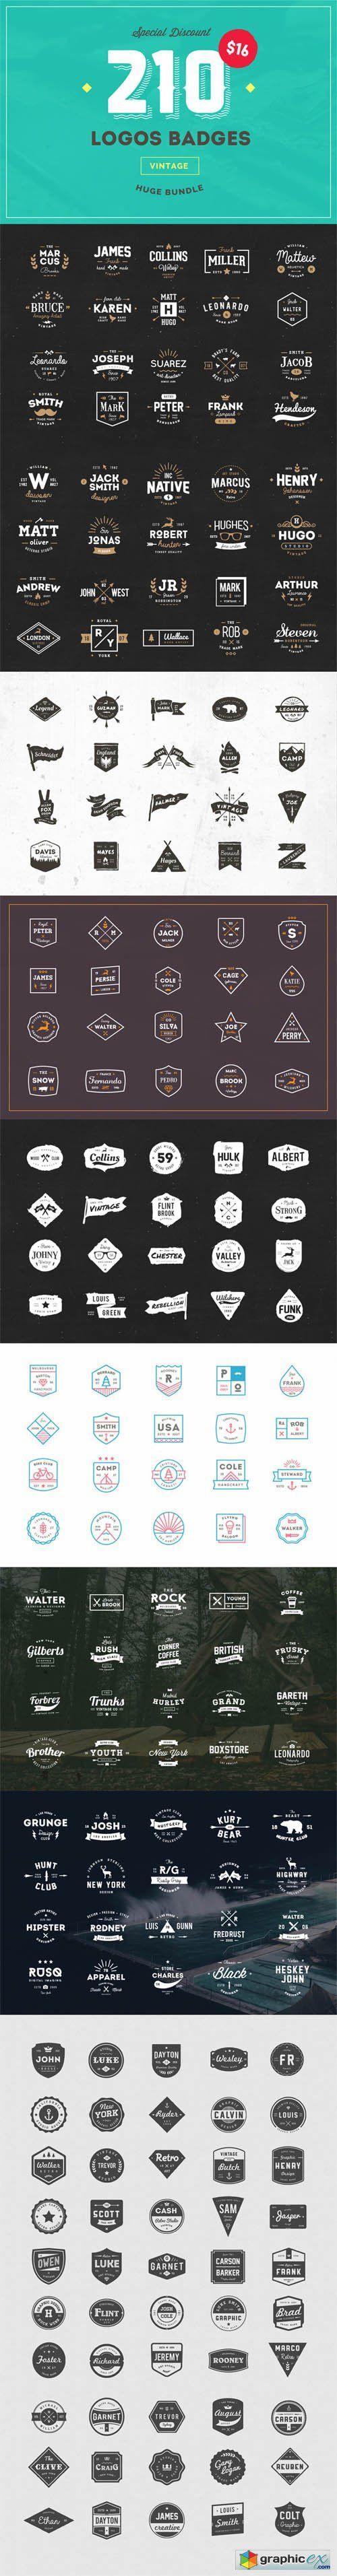 Ideias para o logo